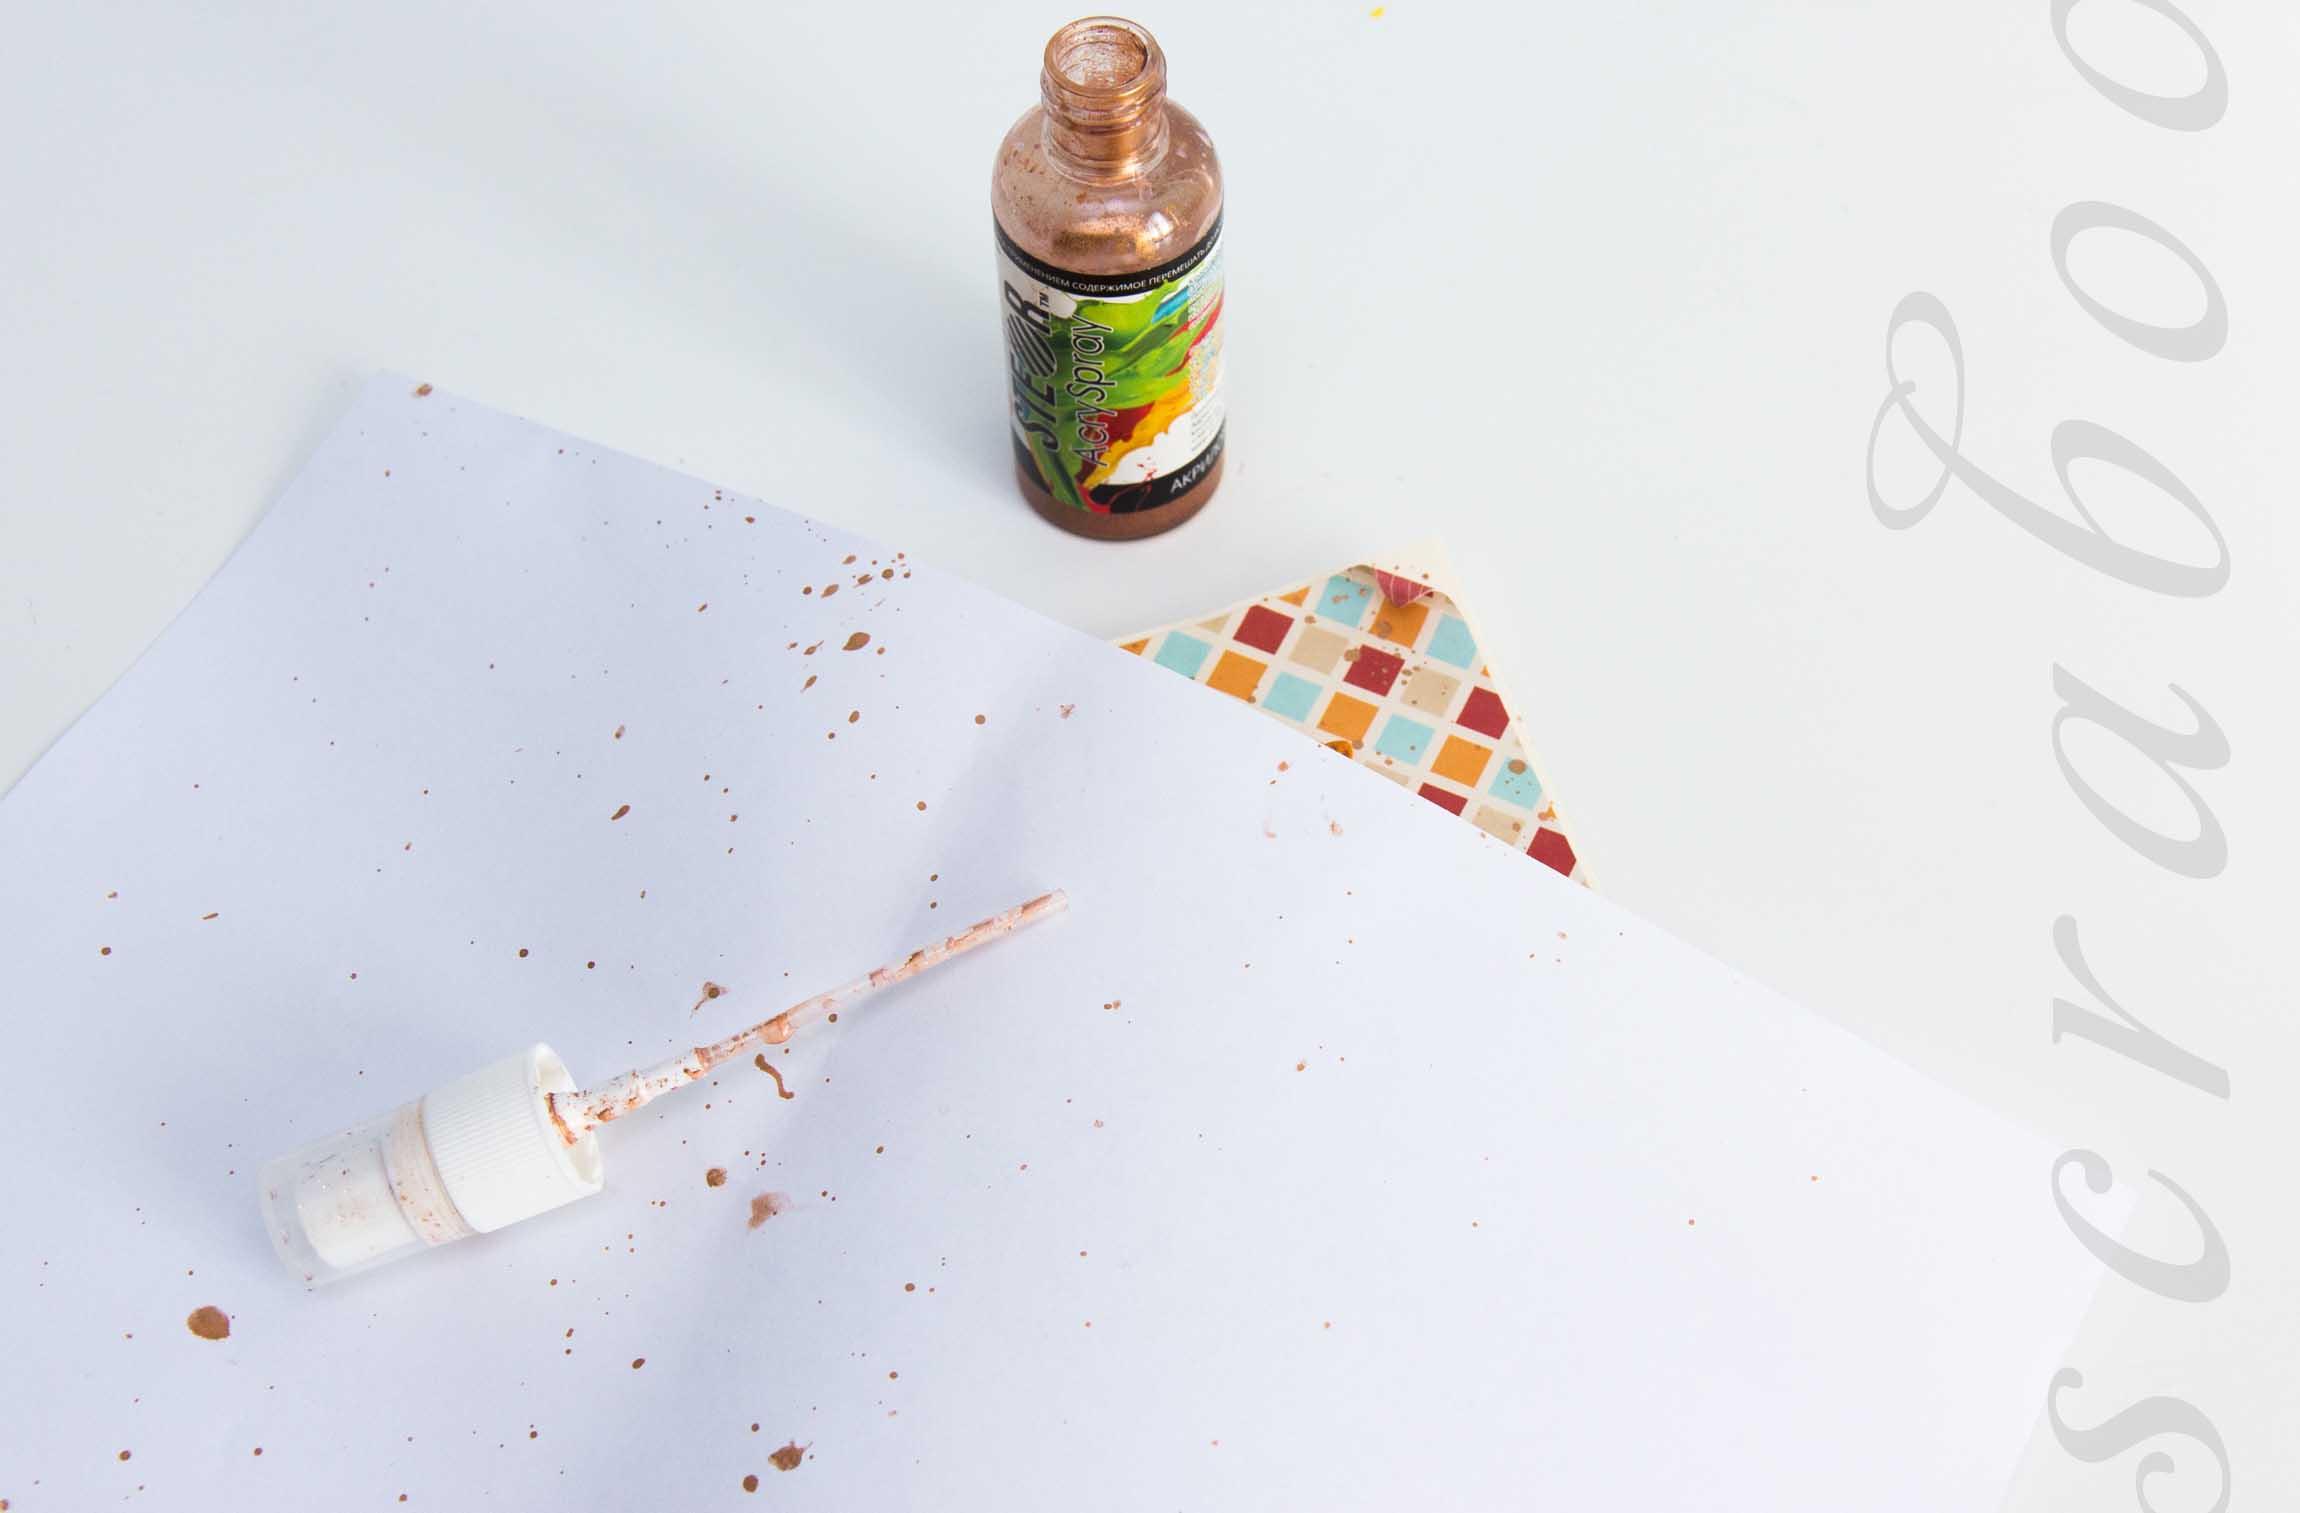 краска-спрей для скрапбукинга